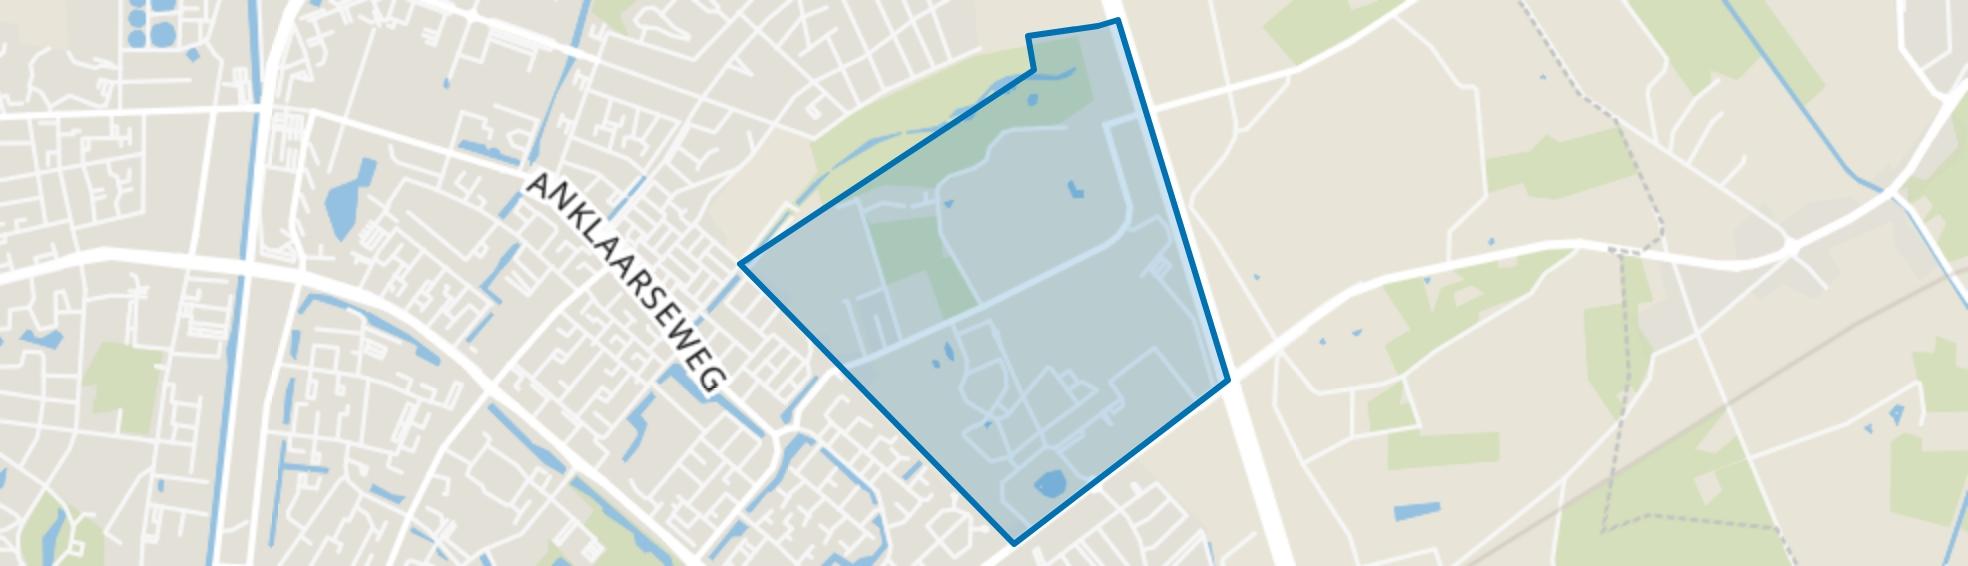 Zuidbroek - De Wellen, Apeldoorn map